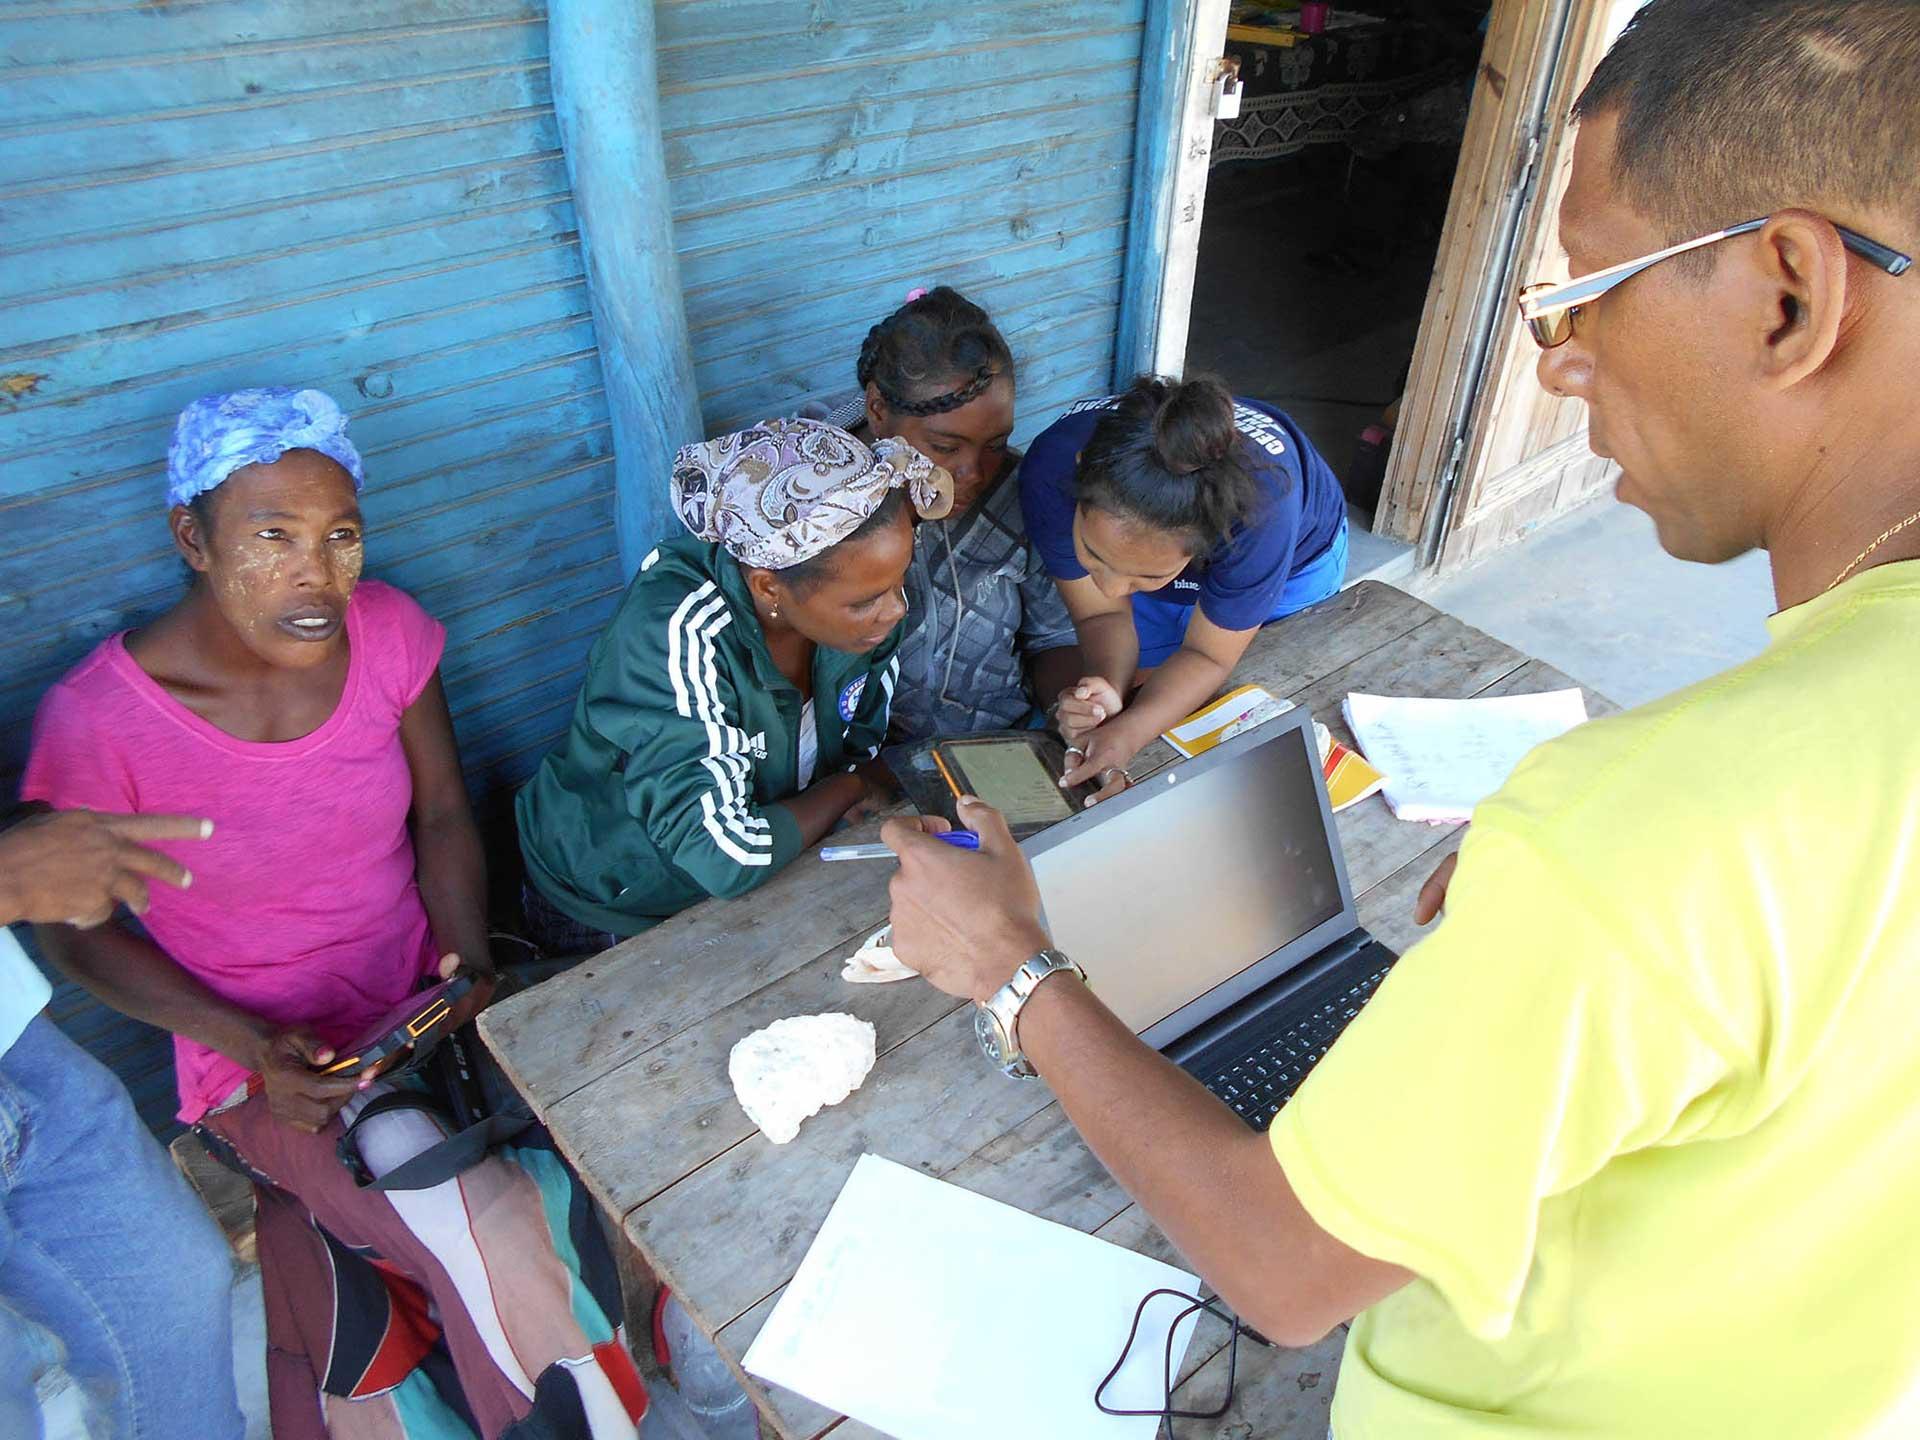 NOHASIARIVELOthierry - Montreal to Madagascar